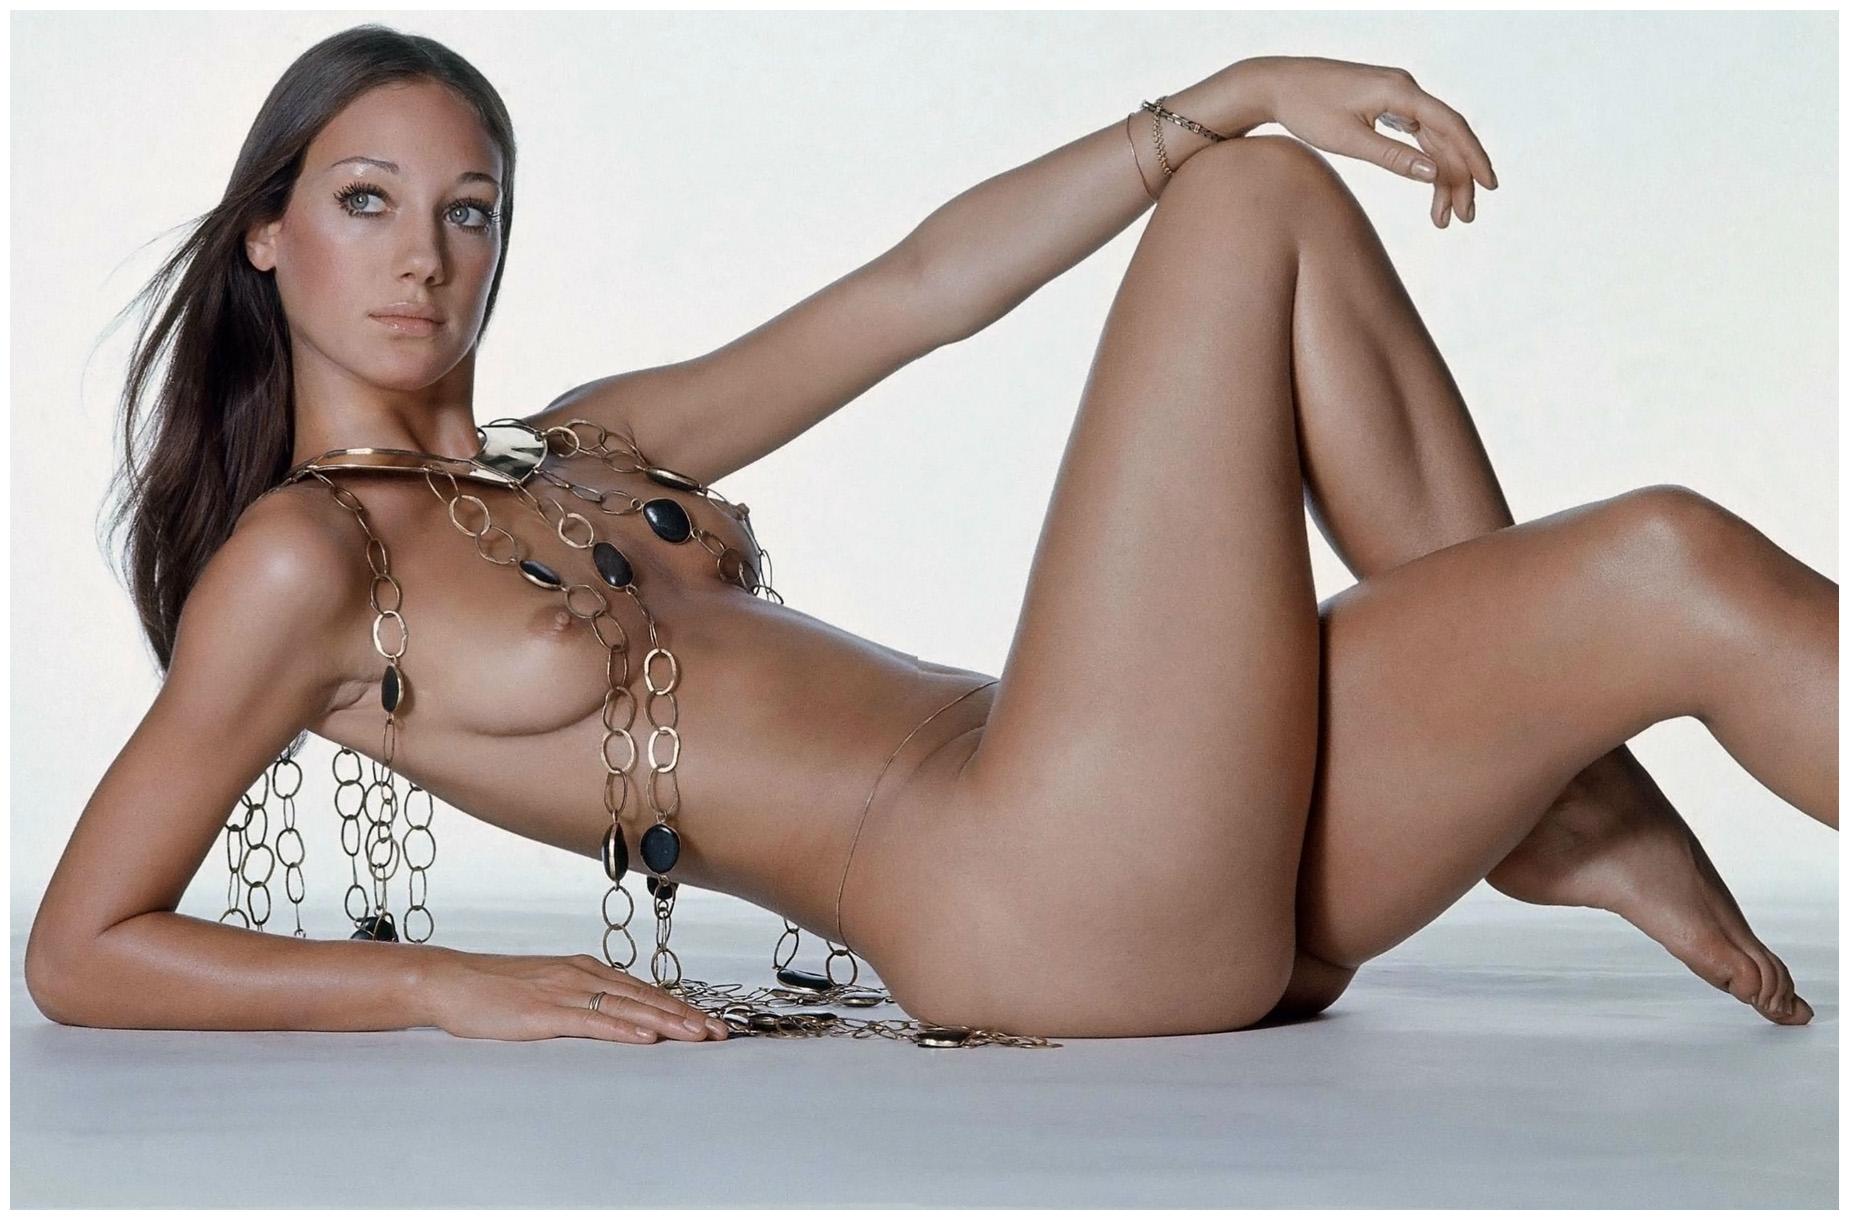 rhodes naked Kim nude fakes